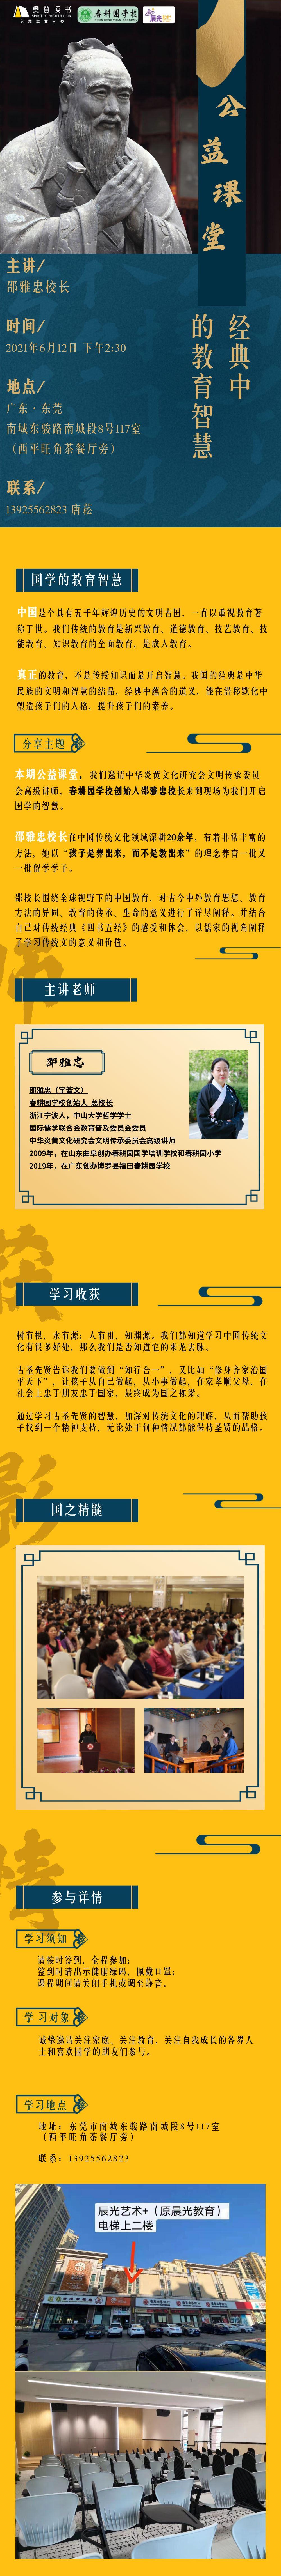 中国风国学长页邀请函长图.jpg